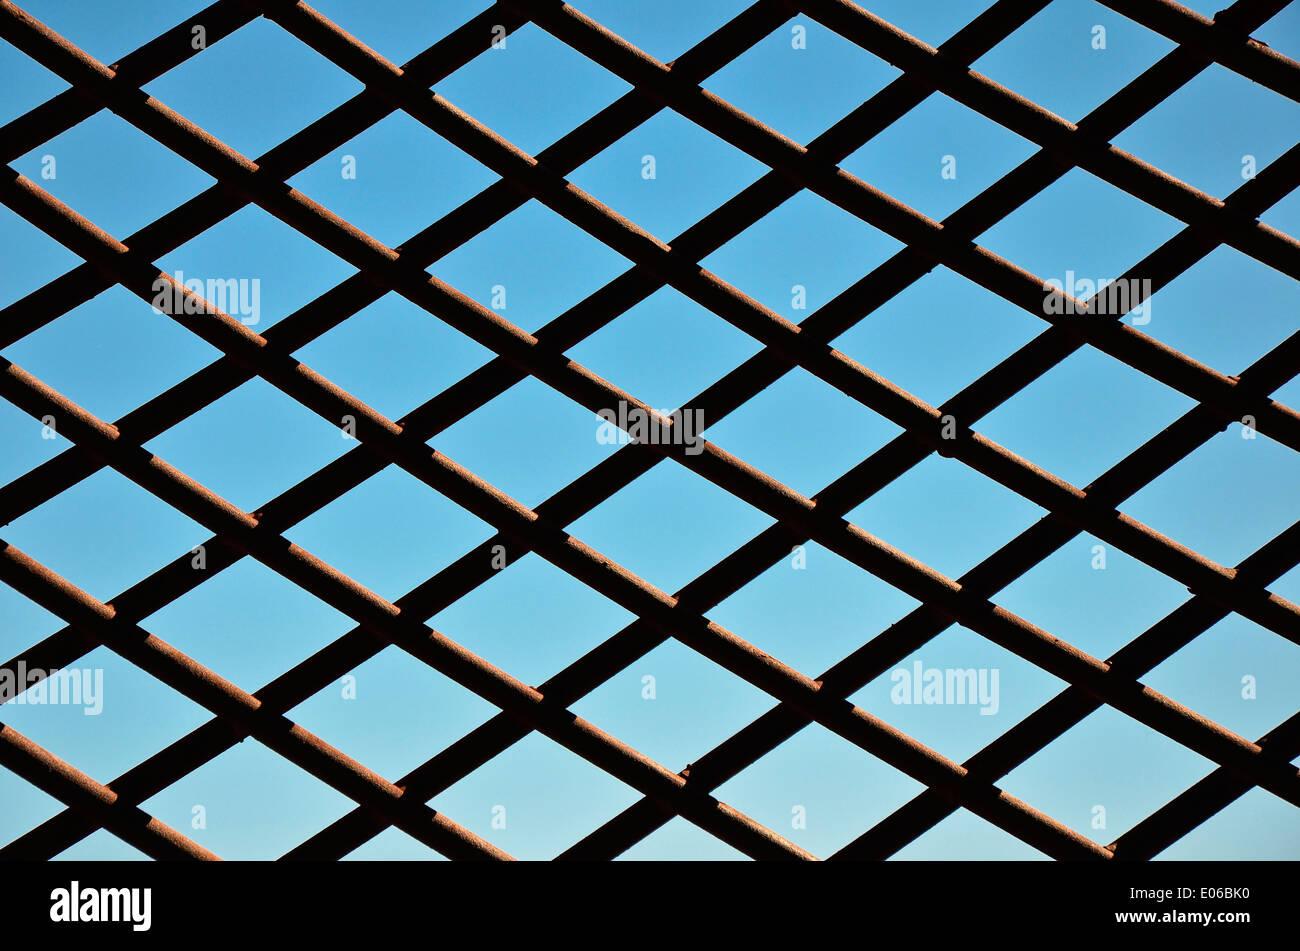 Chainlink Fence Against Blue Sky - Section d'une clôture de grillage simple torsion, derrière le ciel bleu comme un symbole de la captivité et de la liberté. Photo Stock